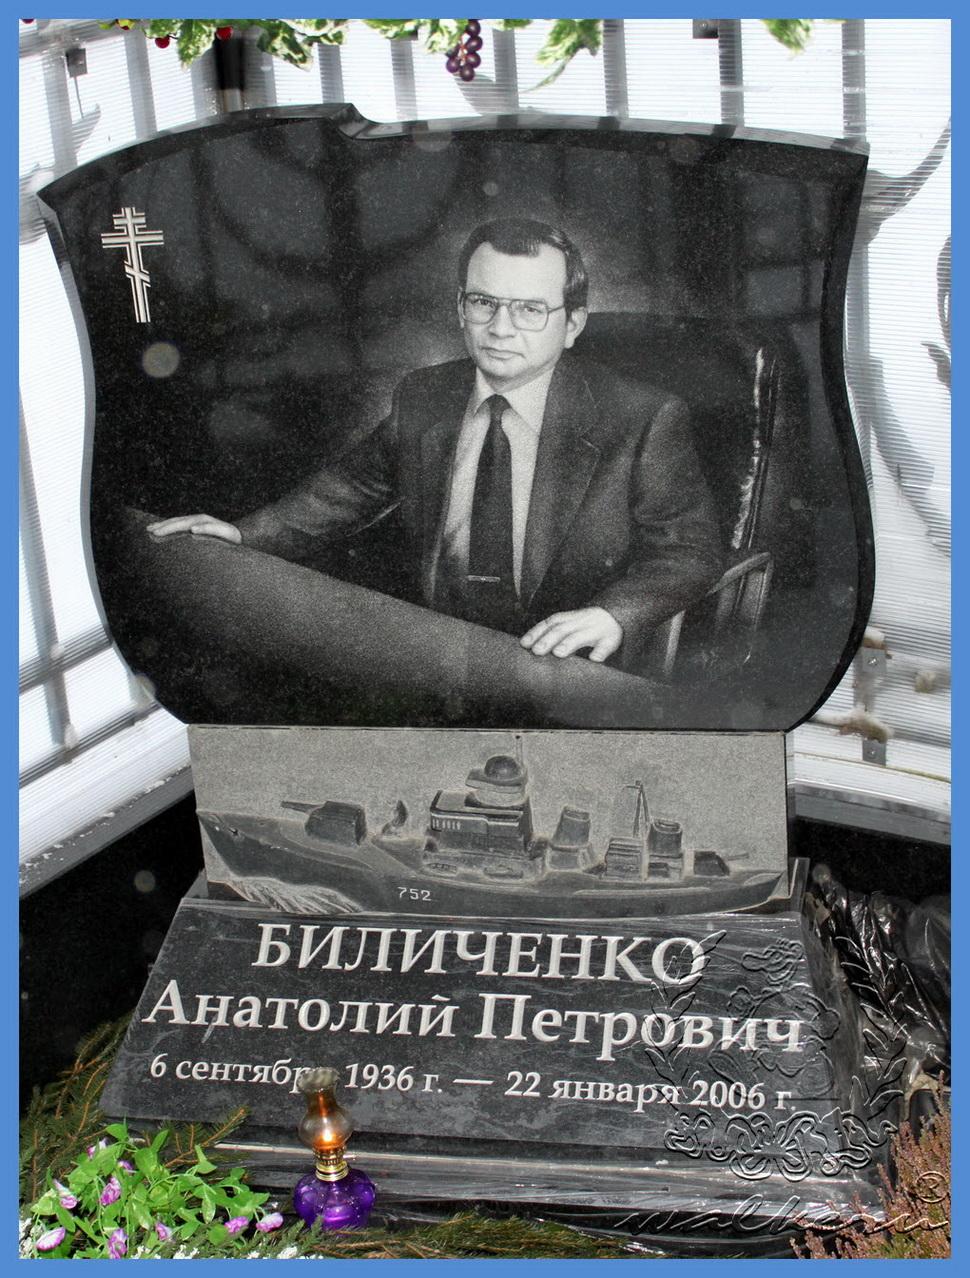 Биличенко Анатолий Петрович